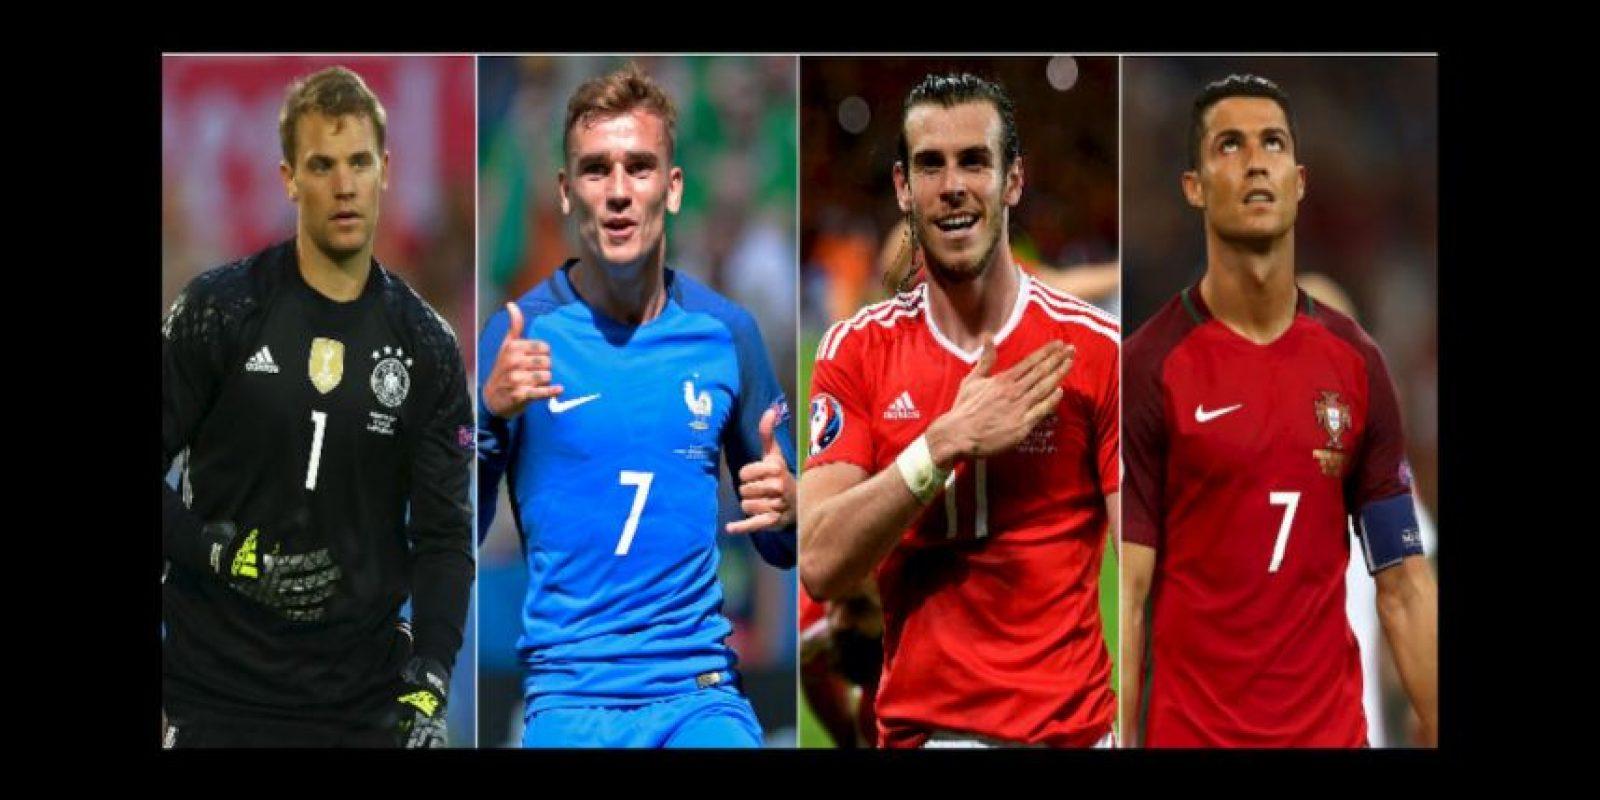 Los 4 líderes de los semifinalistas de la Euro 2016 Foto:Getty Images